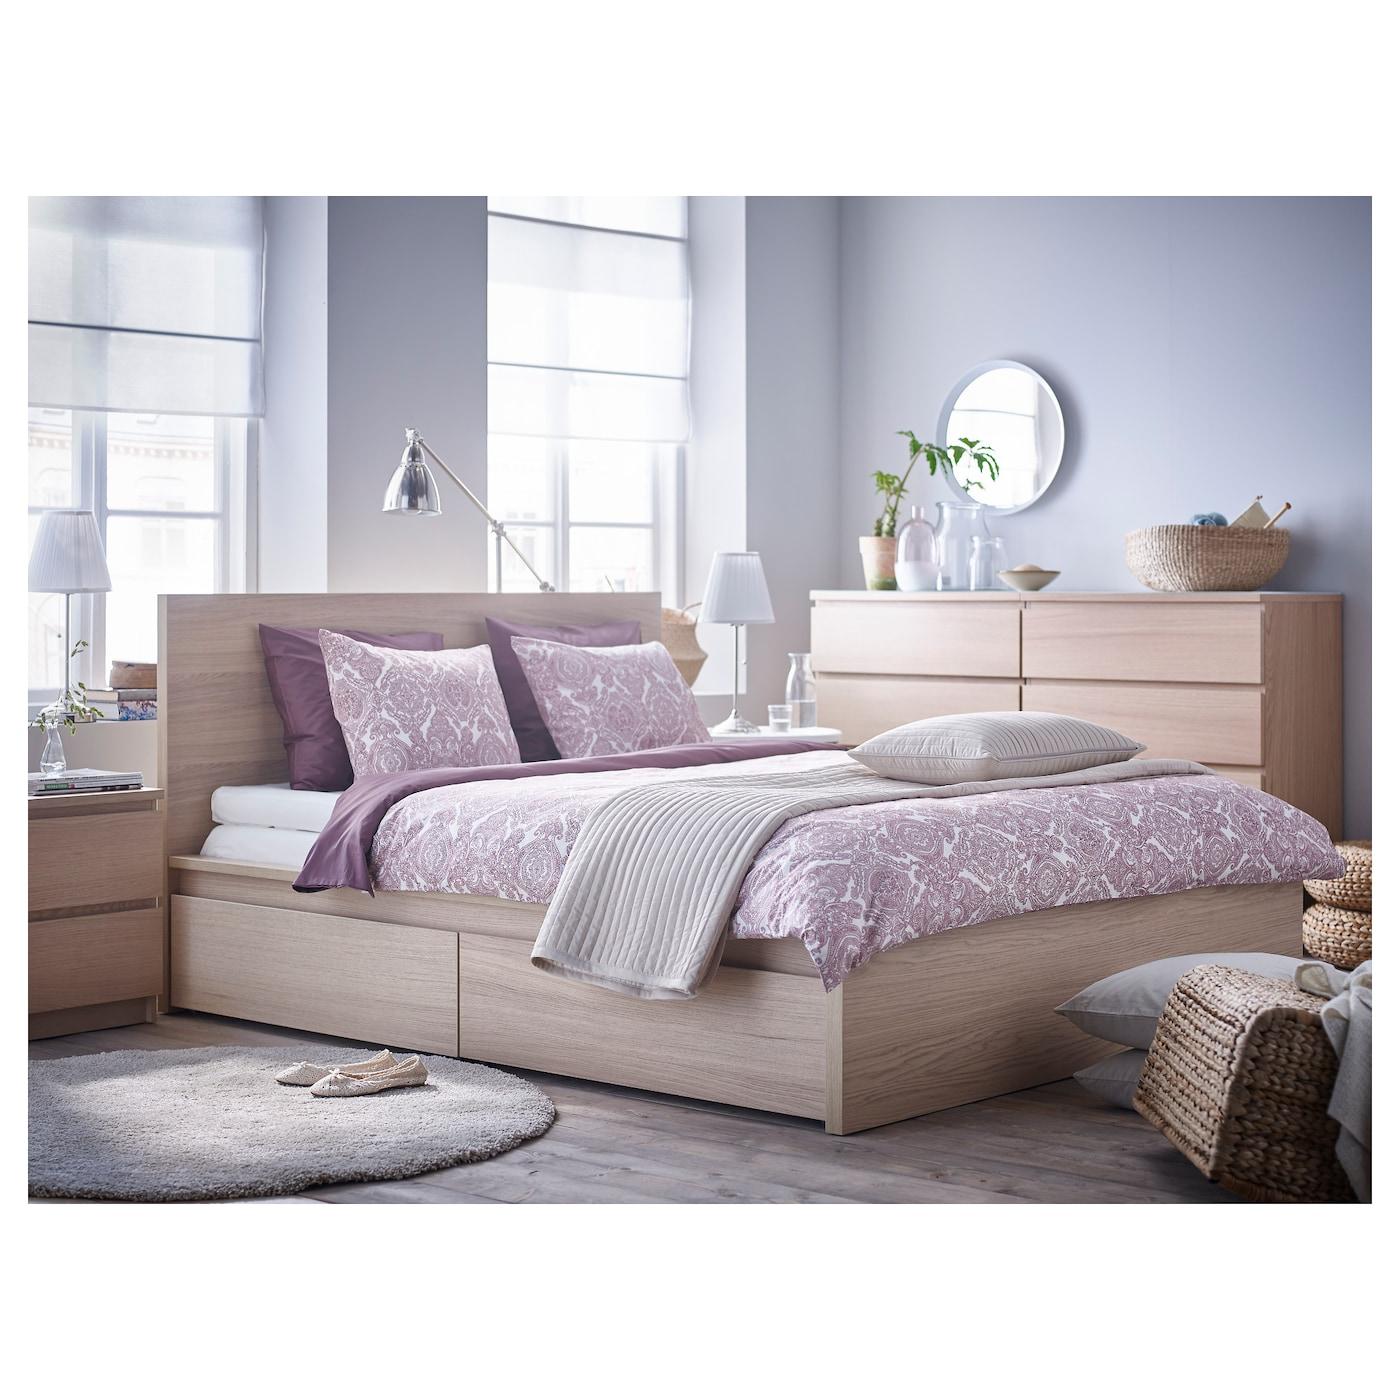 malm cadre de lit haut 2 rangements plaqu ch ne blanchi lur y 160 x 200 cm ikea. Black Bedroom Furniture Sets. Home Design Ideas